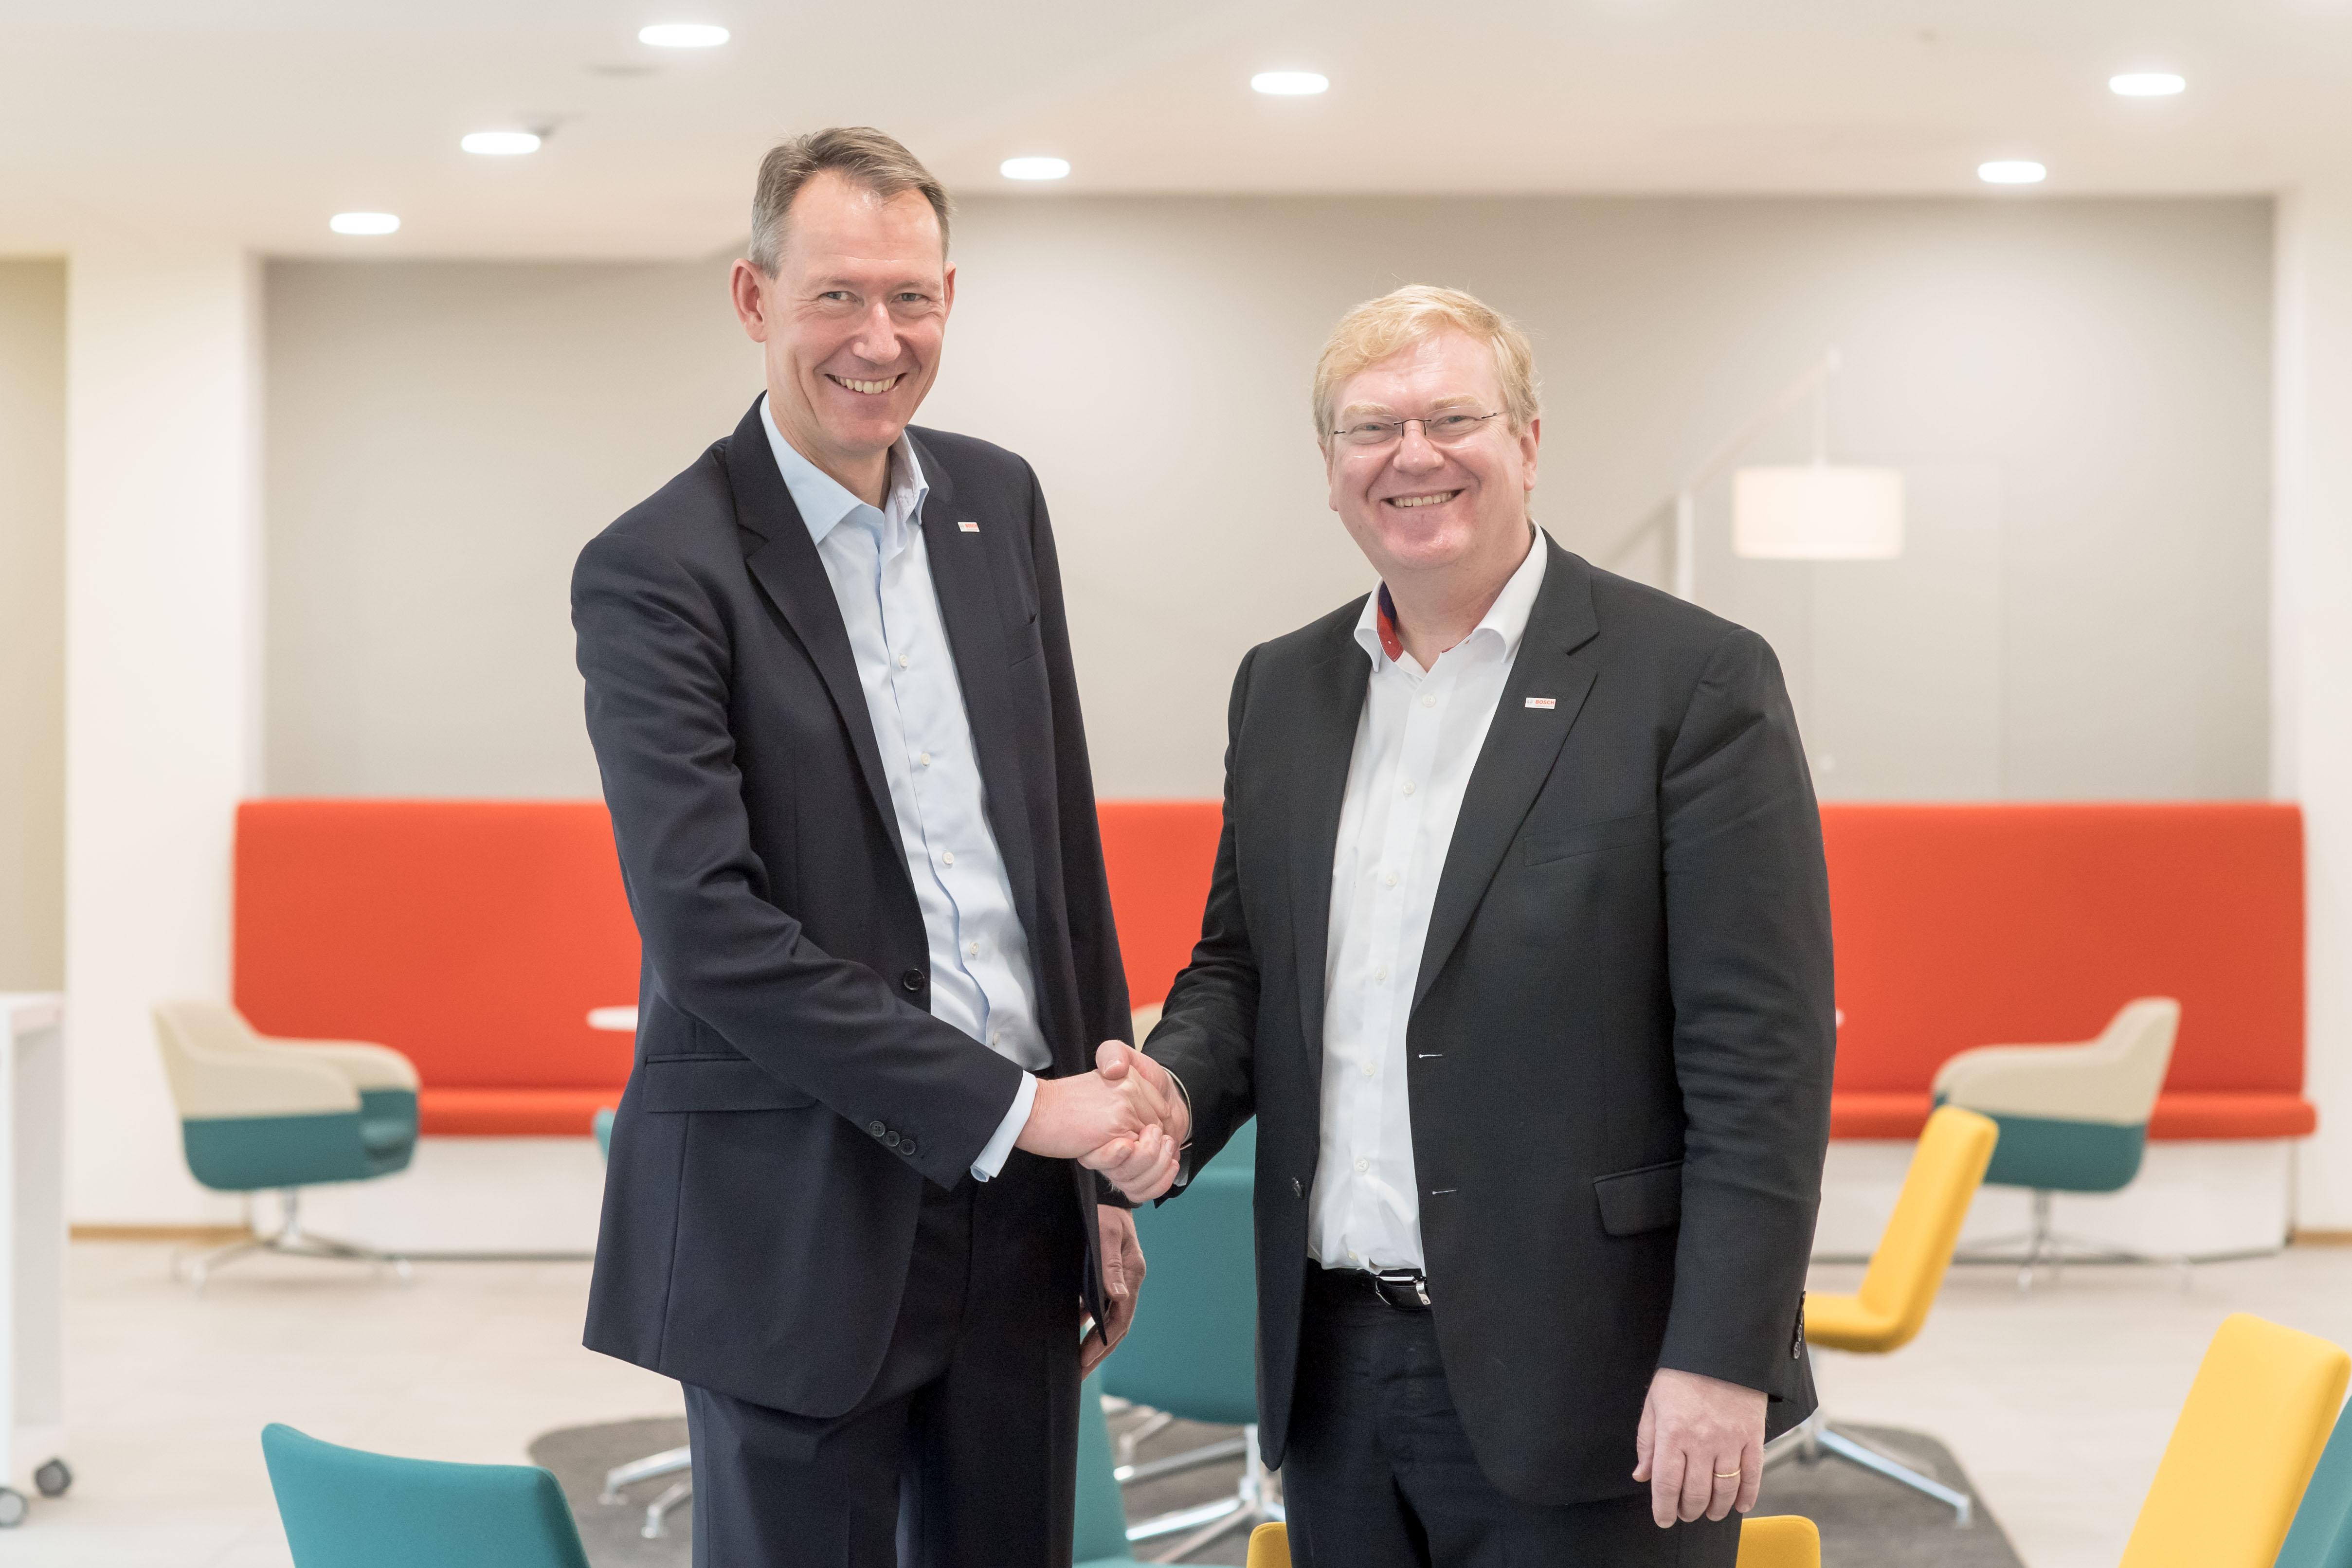 Dr. Christian Fischer & Dr. Stefan Hartung